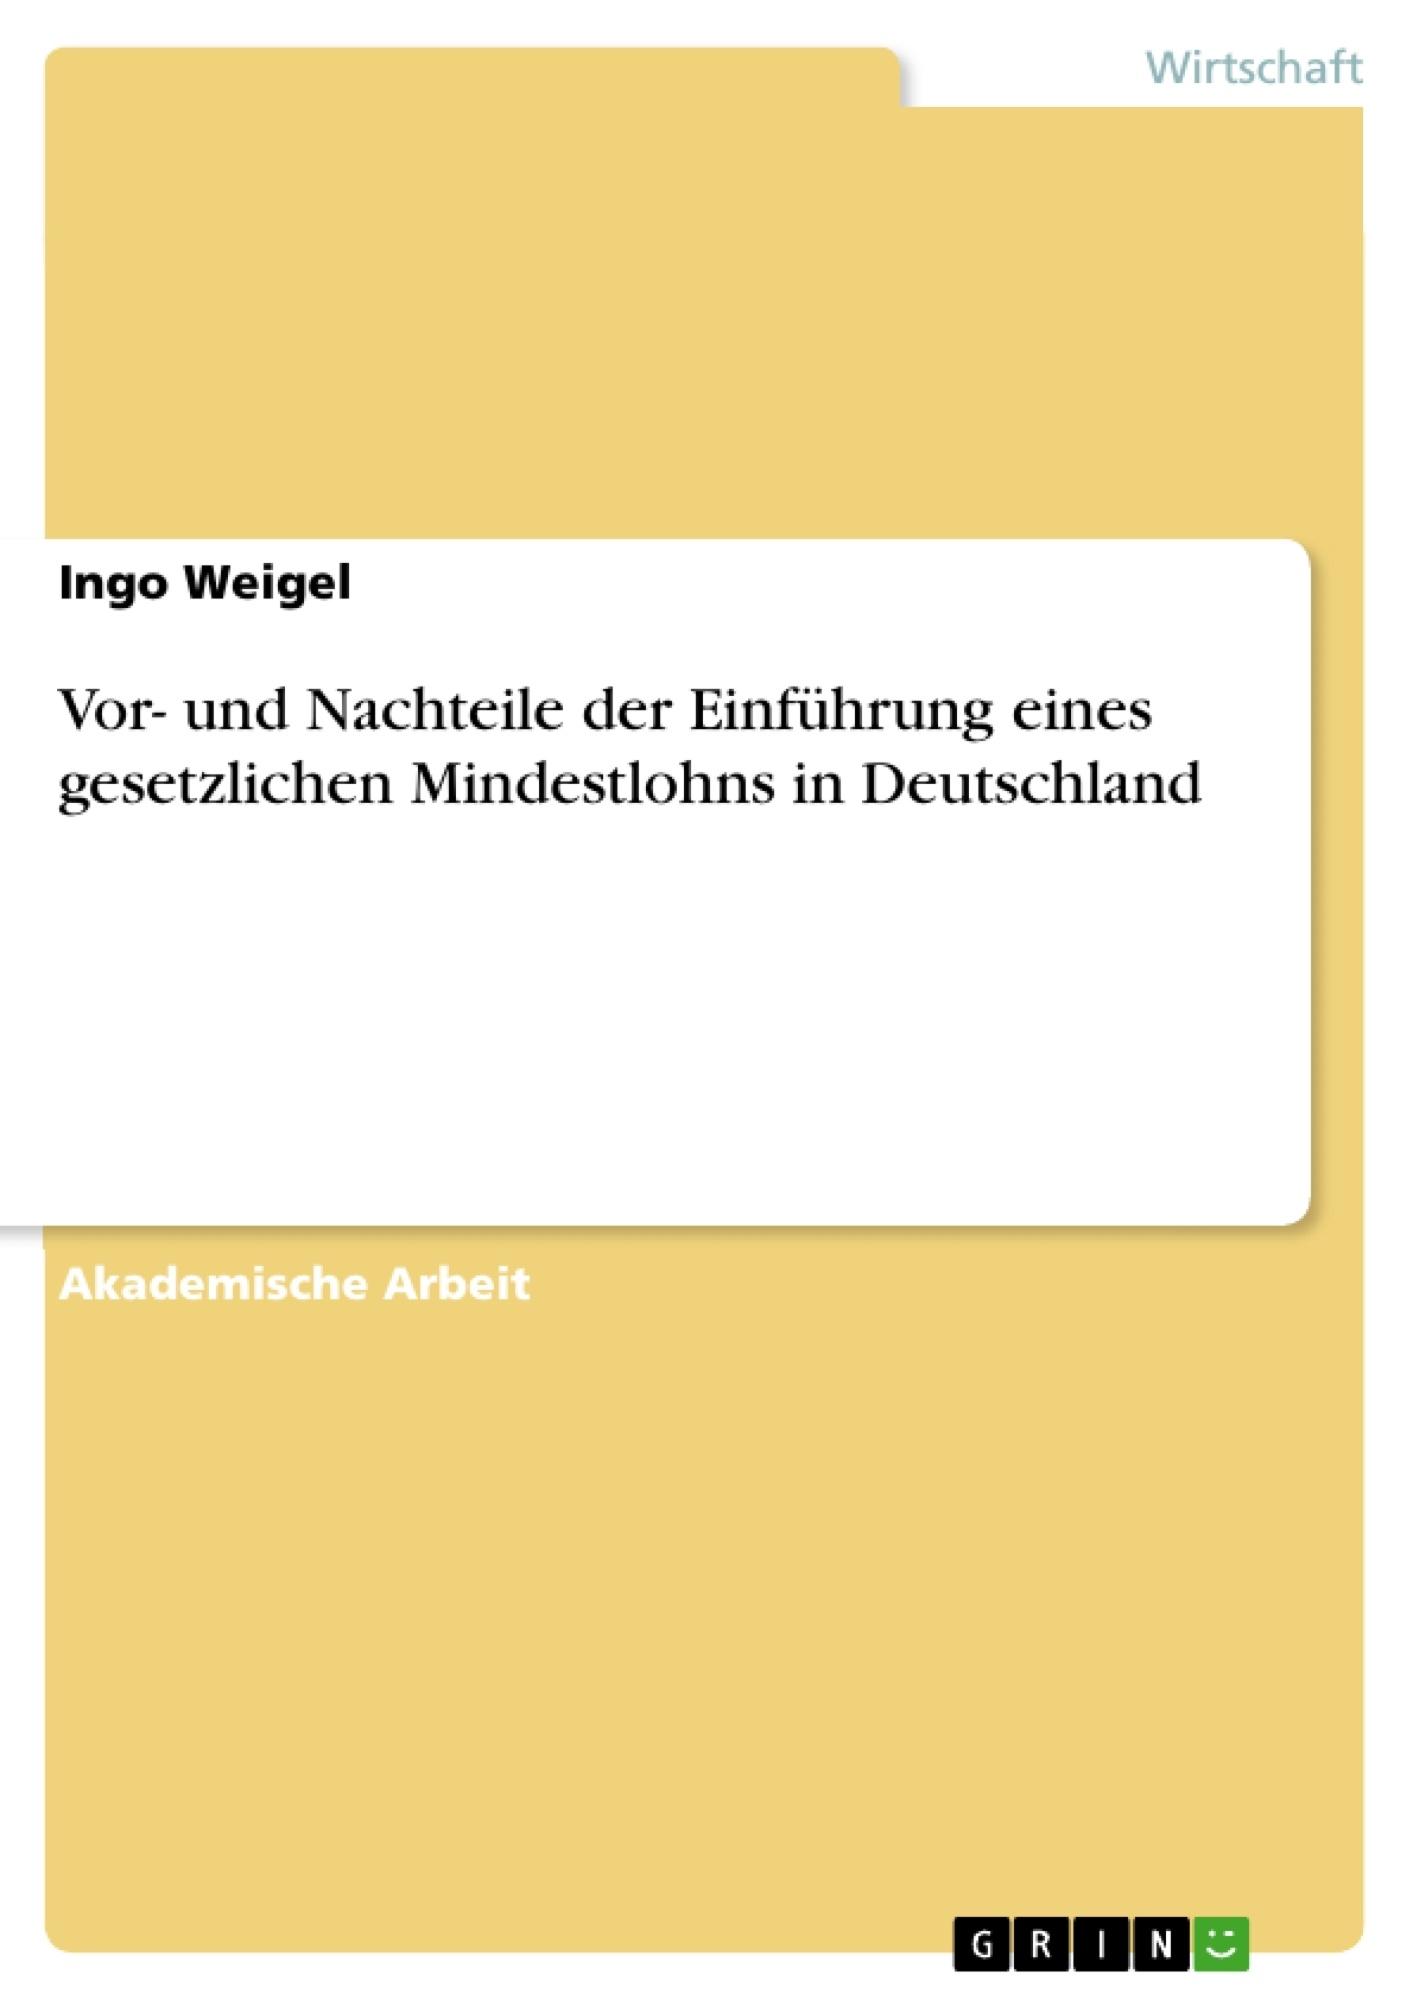 Titel: Vor- und Nachteile der Einführung eines gesetzlichen Mindestlohns in Deutschland